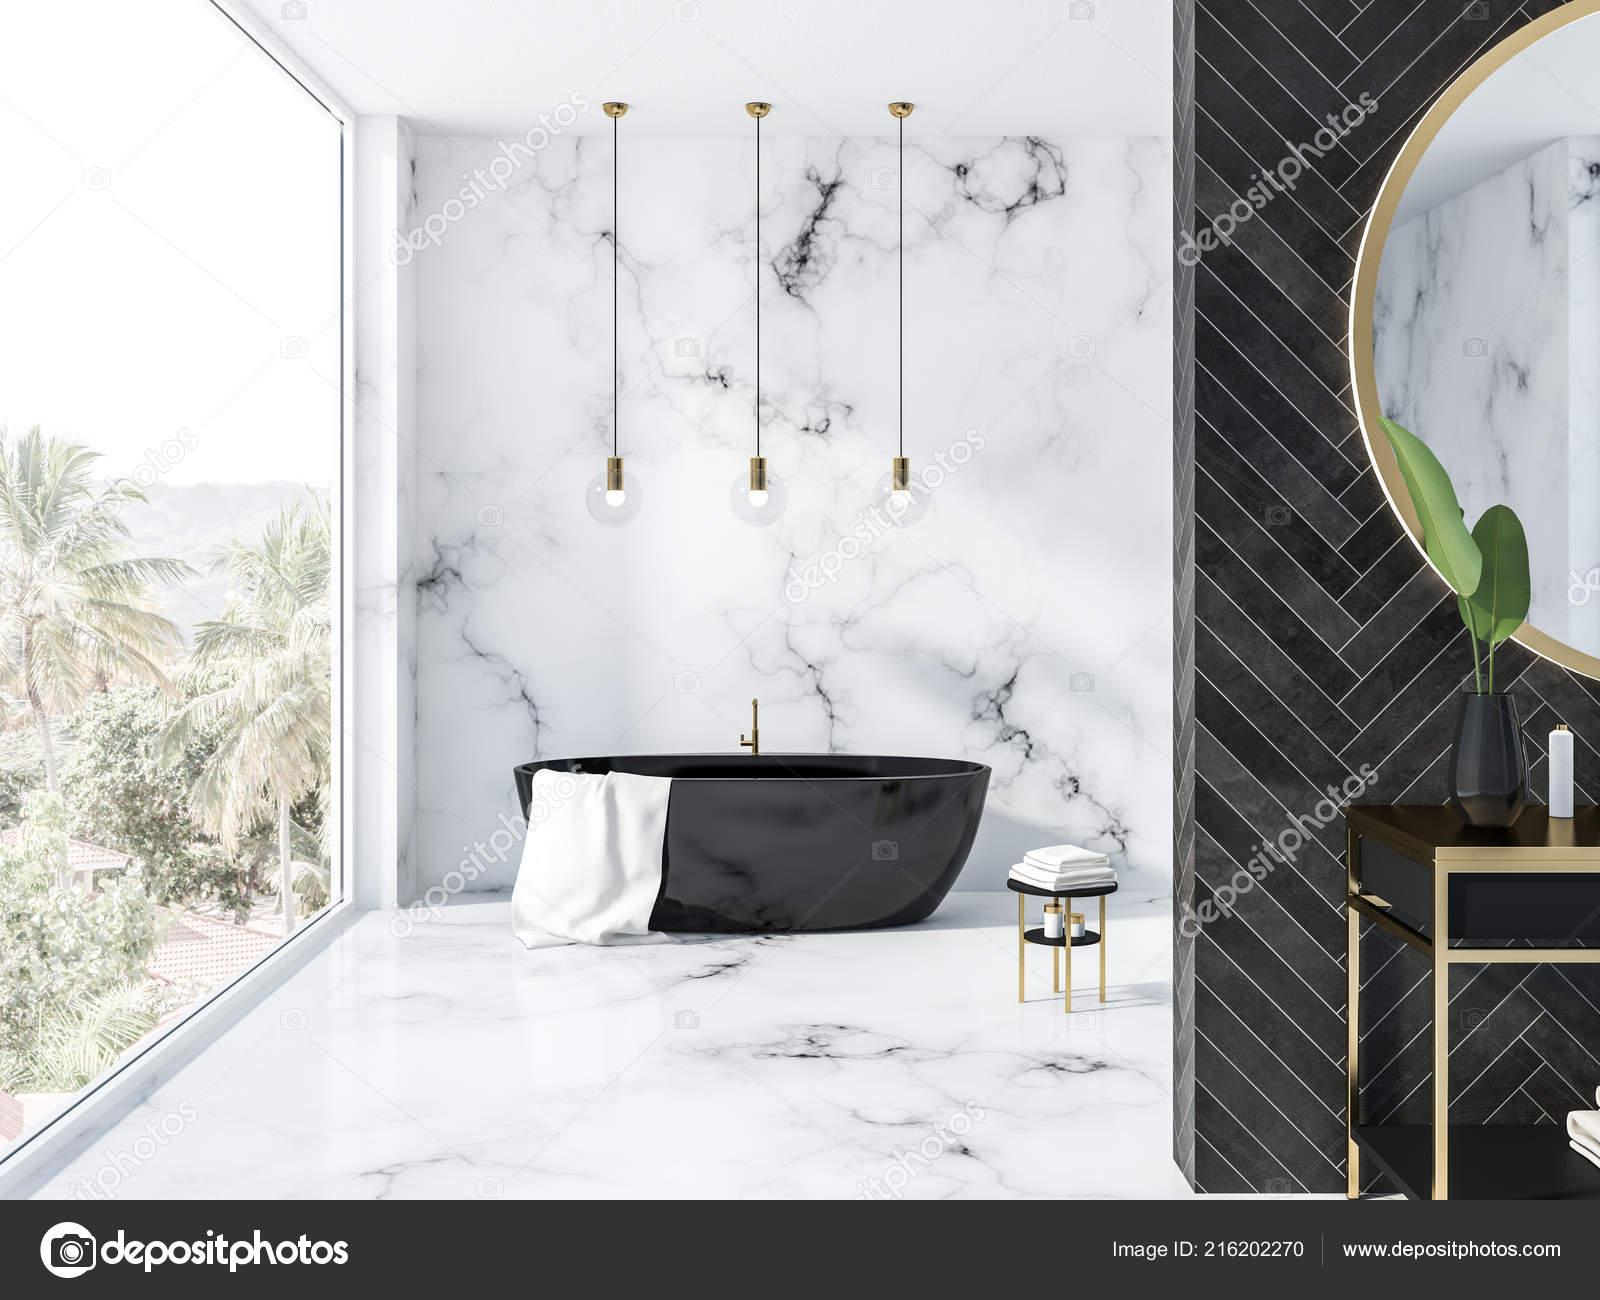 Badkamer Met Marmer : Wit marmer zwarte houten badkamer interieur met een zwarte badkuip